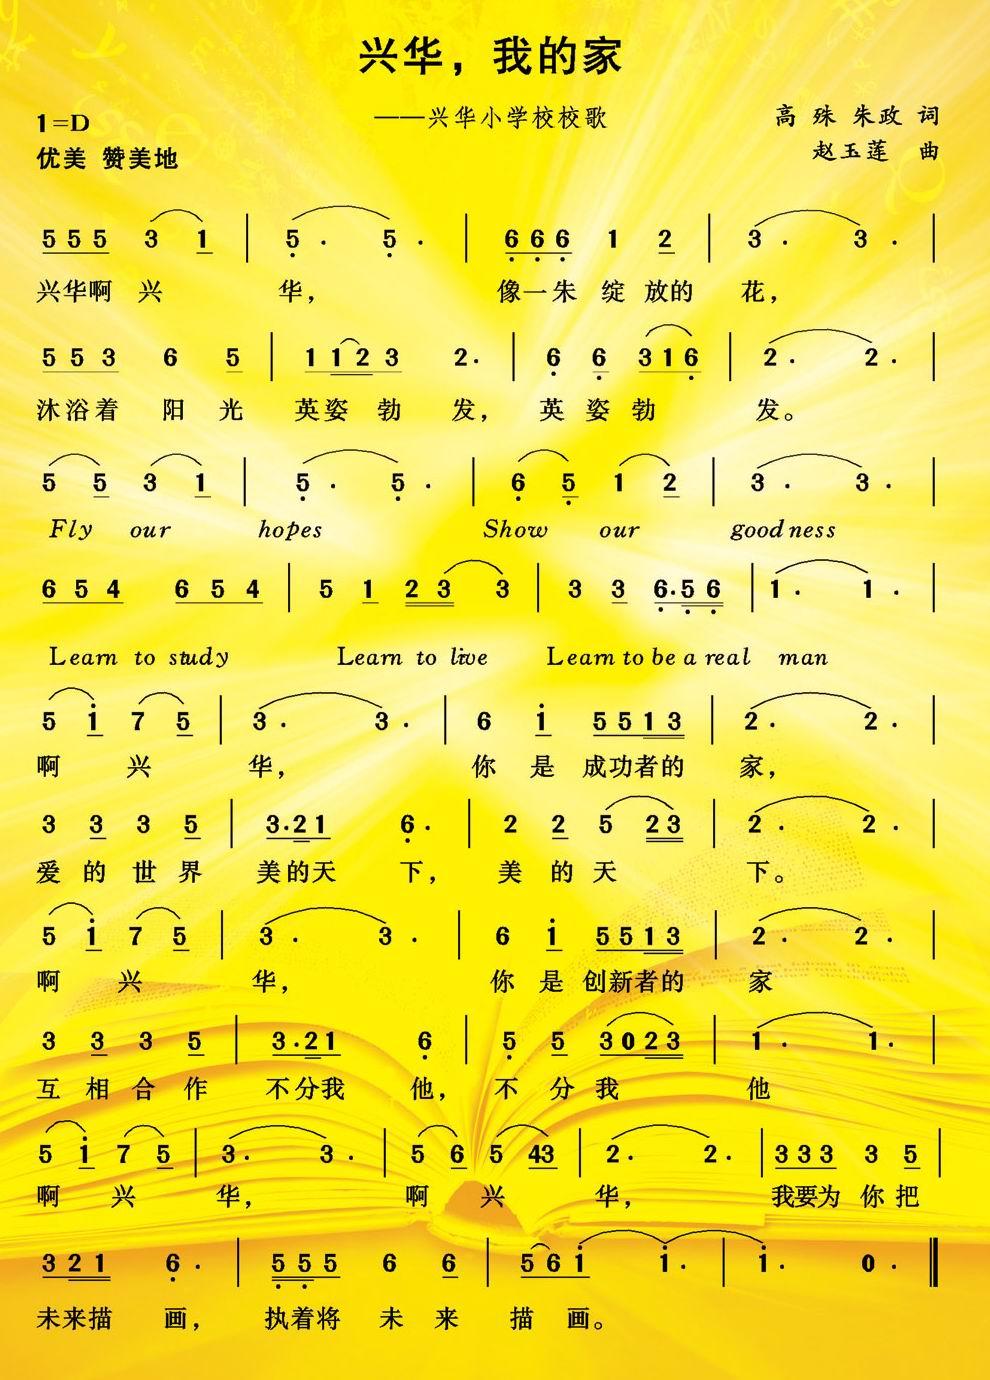 小白兔和小熊跳舞曲谱-燕衔泥歌谱-兴华小学赋 哈尔滨市兴华小学校 新分类